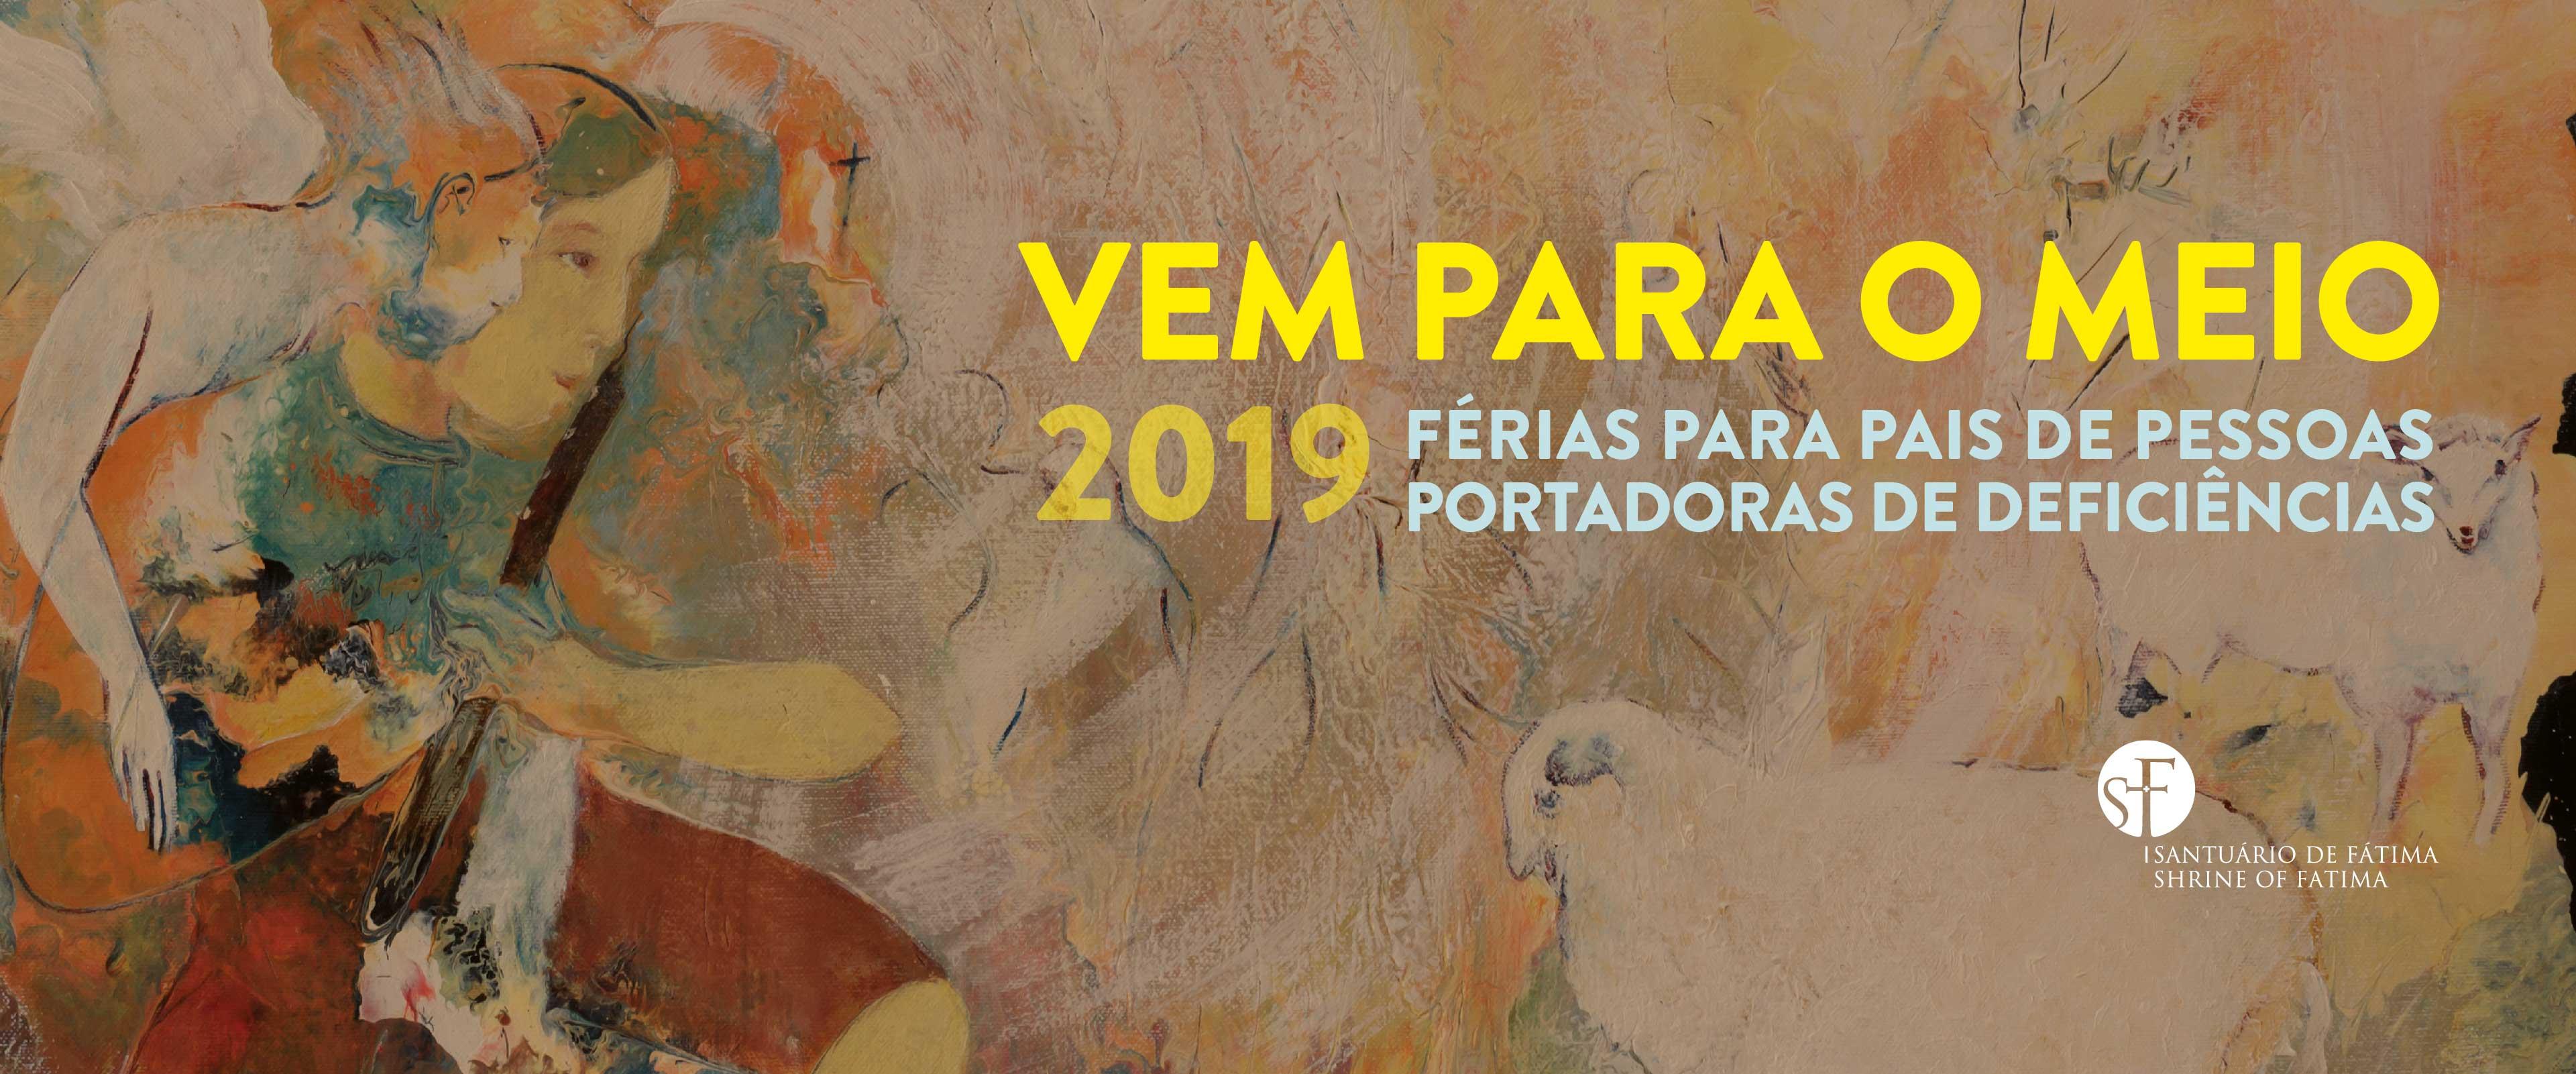 AF_BANNER-_Ferias-para-Pais-de-Filhos-portadores-de-Deficiencia-2019.jpg